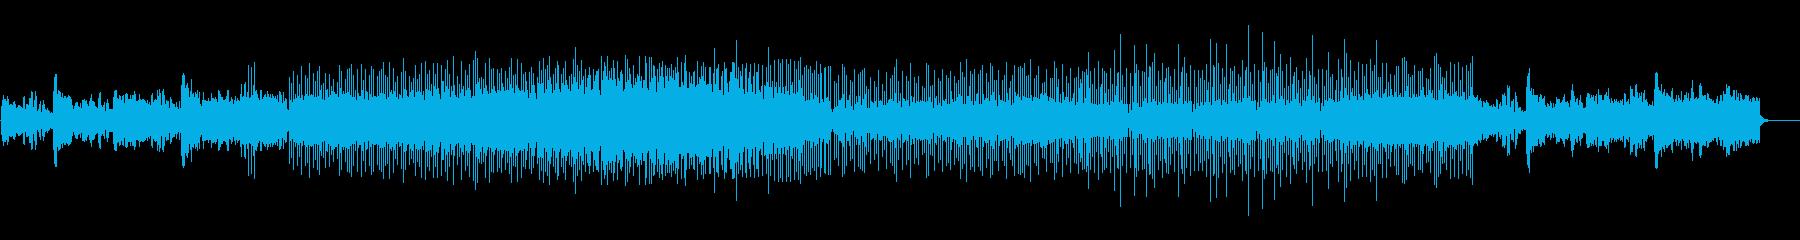 空間を浮遊するドキュメンタリーBGMの再生済みの波形